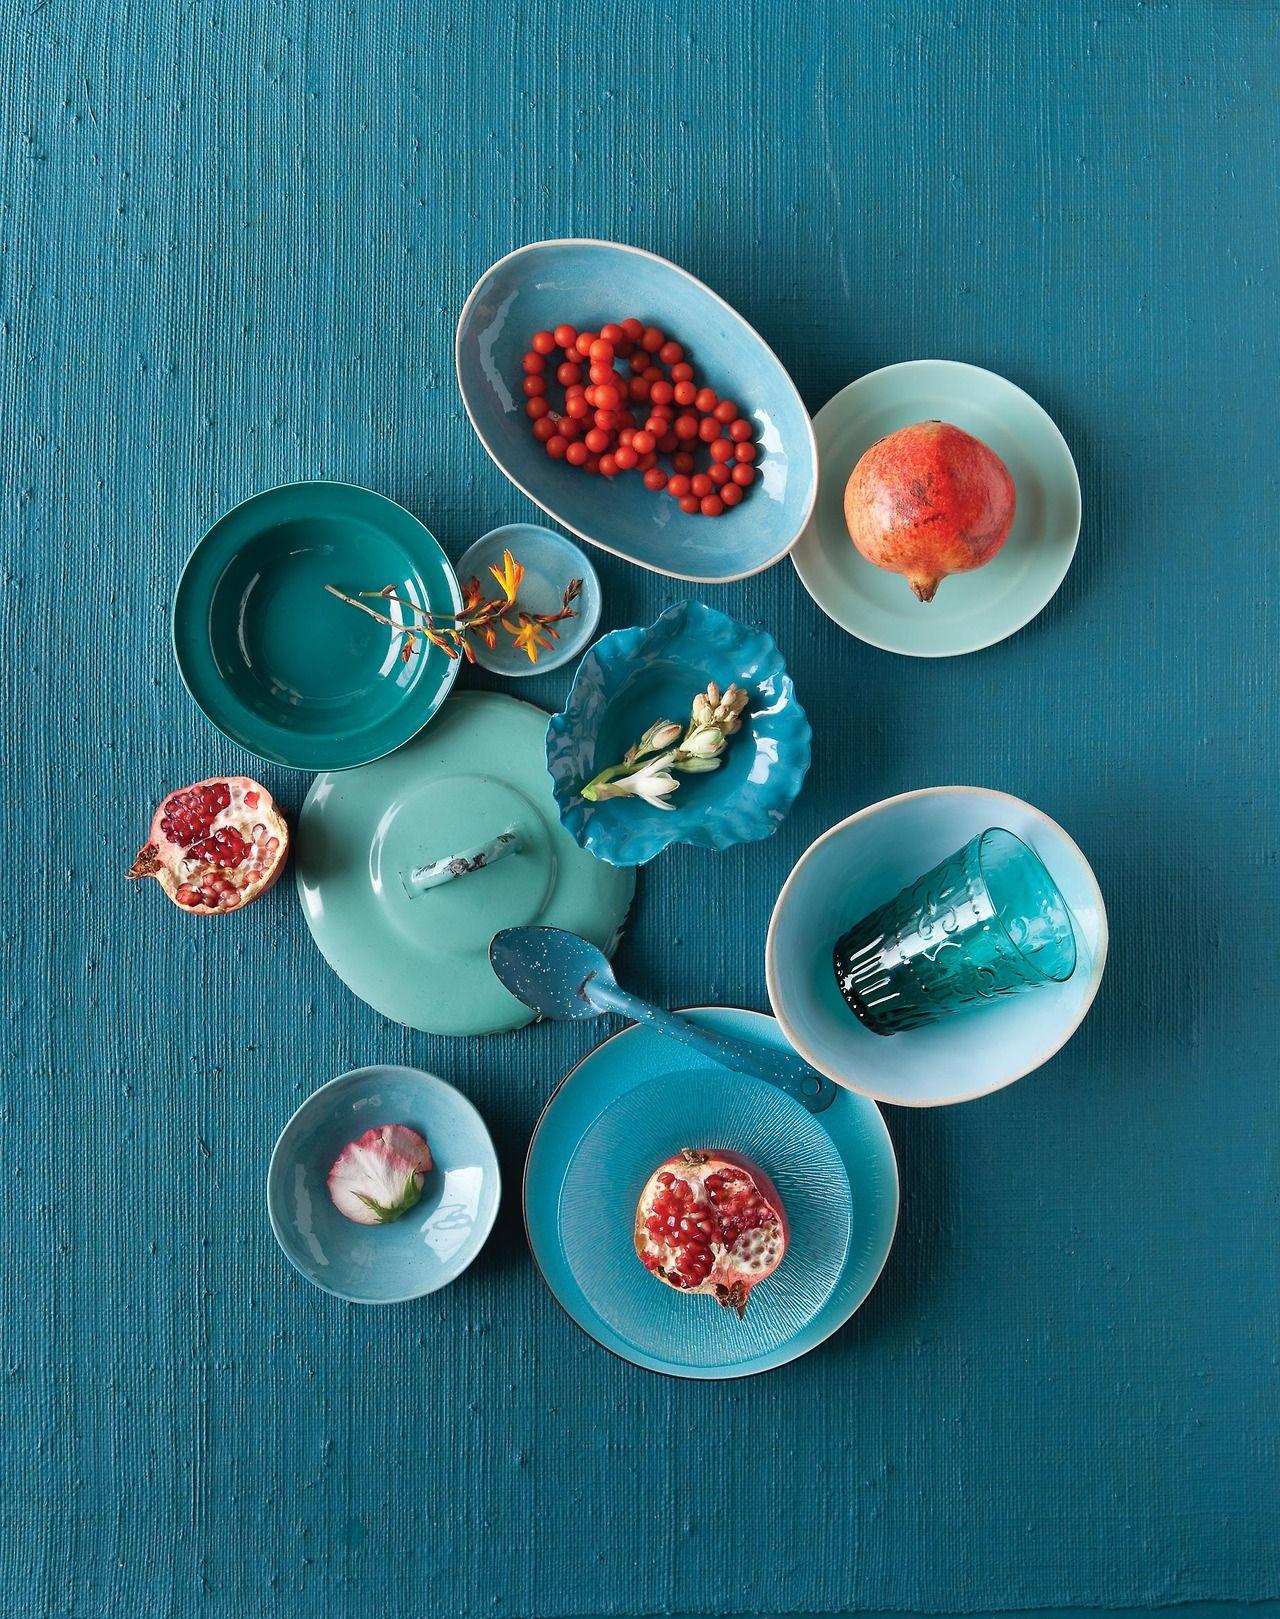 pingl par marie sur colors en 2019 couleur bleu. Black Bedroom Furniture Sets. Home Design Ideas